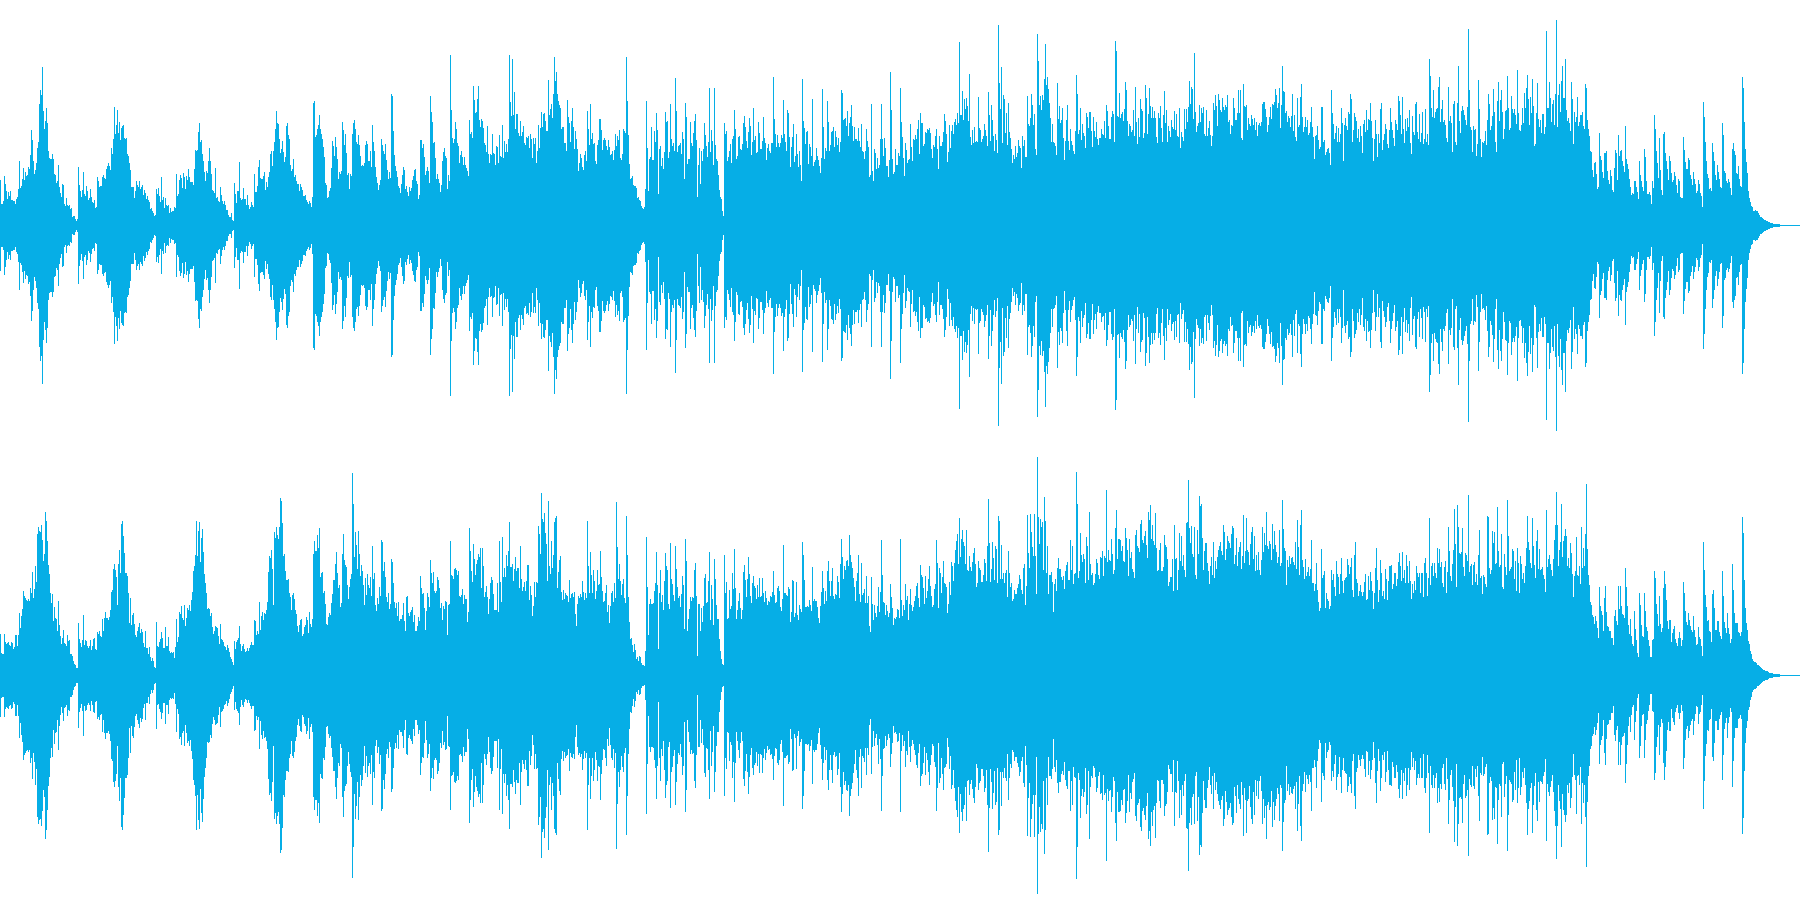 現代の交響曲 ロマンチック ラブ ...の再生済みの波形